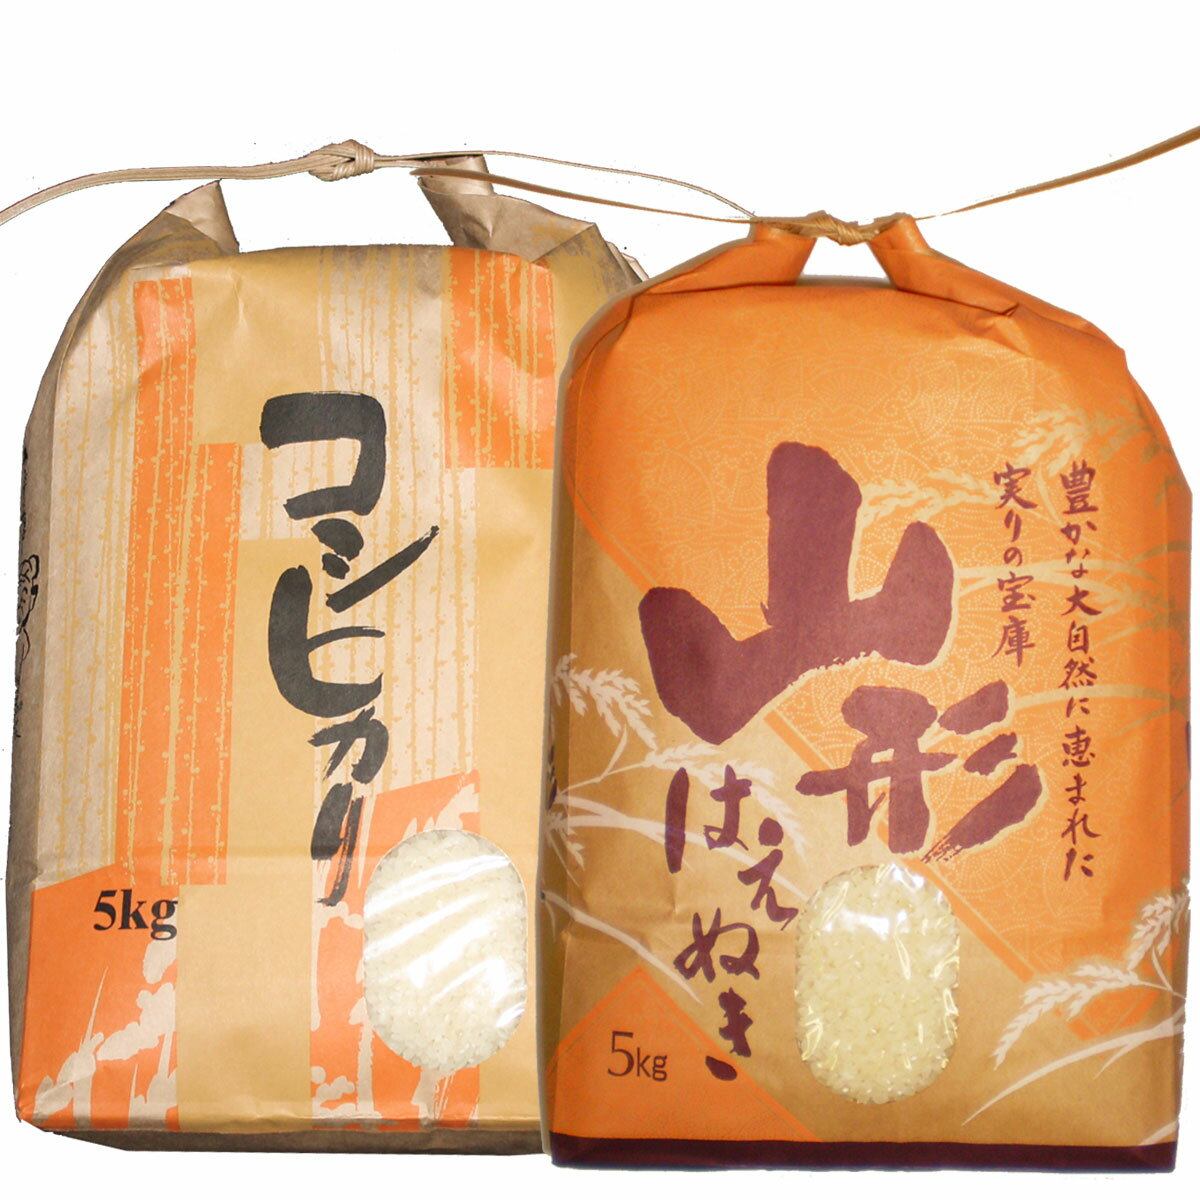 令和元年山形県産はえぬき5kg・コシヒカリ5kgセット 白米 精米済(送料無料)